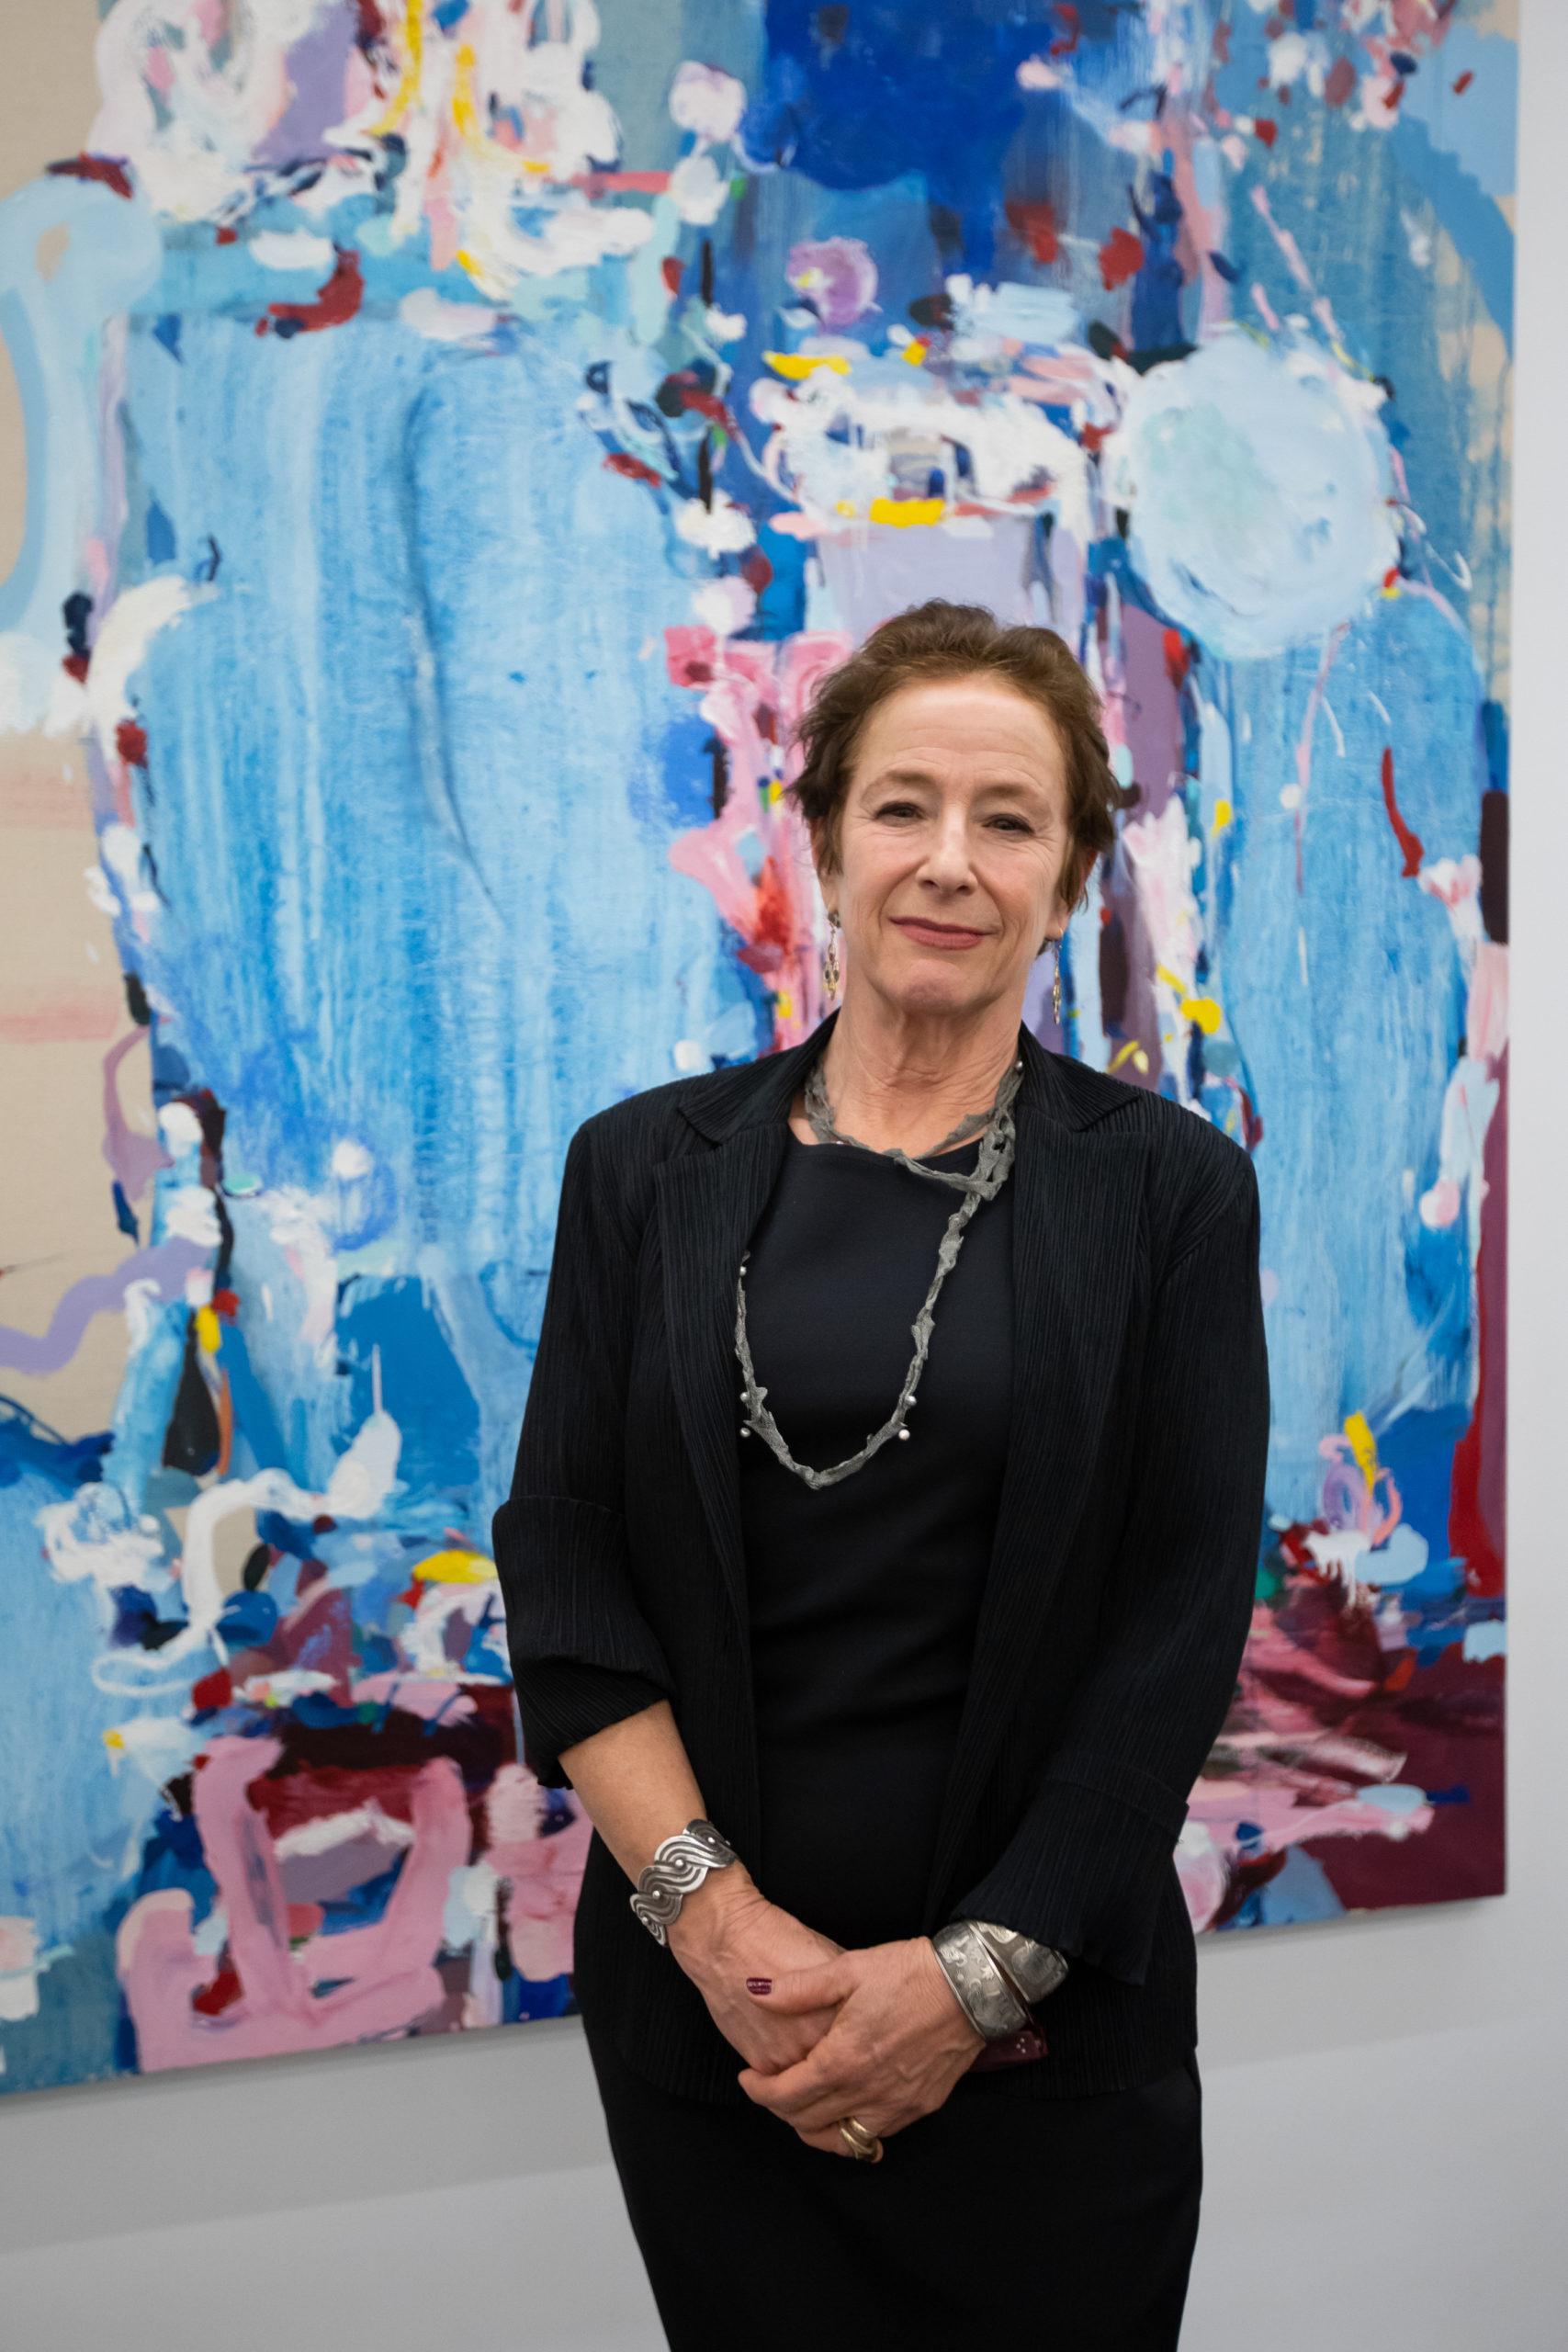 Priscilla Heine